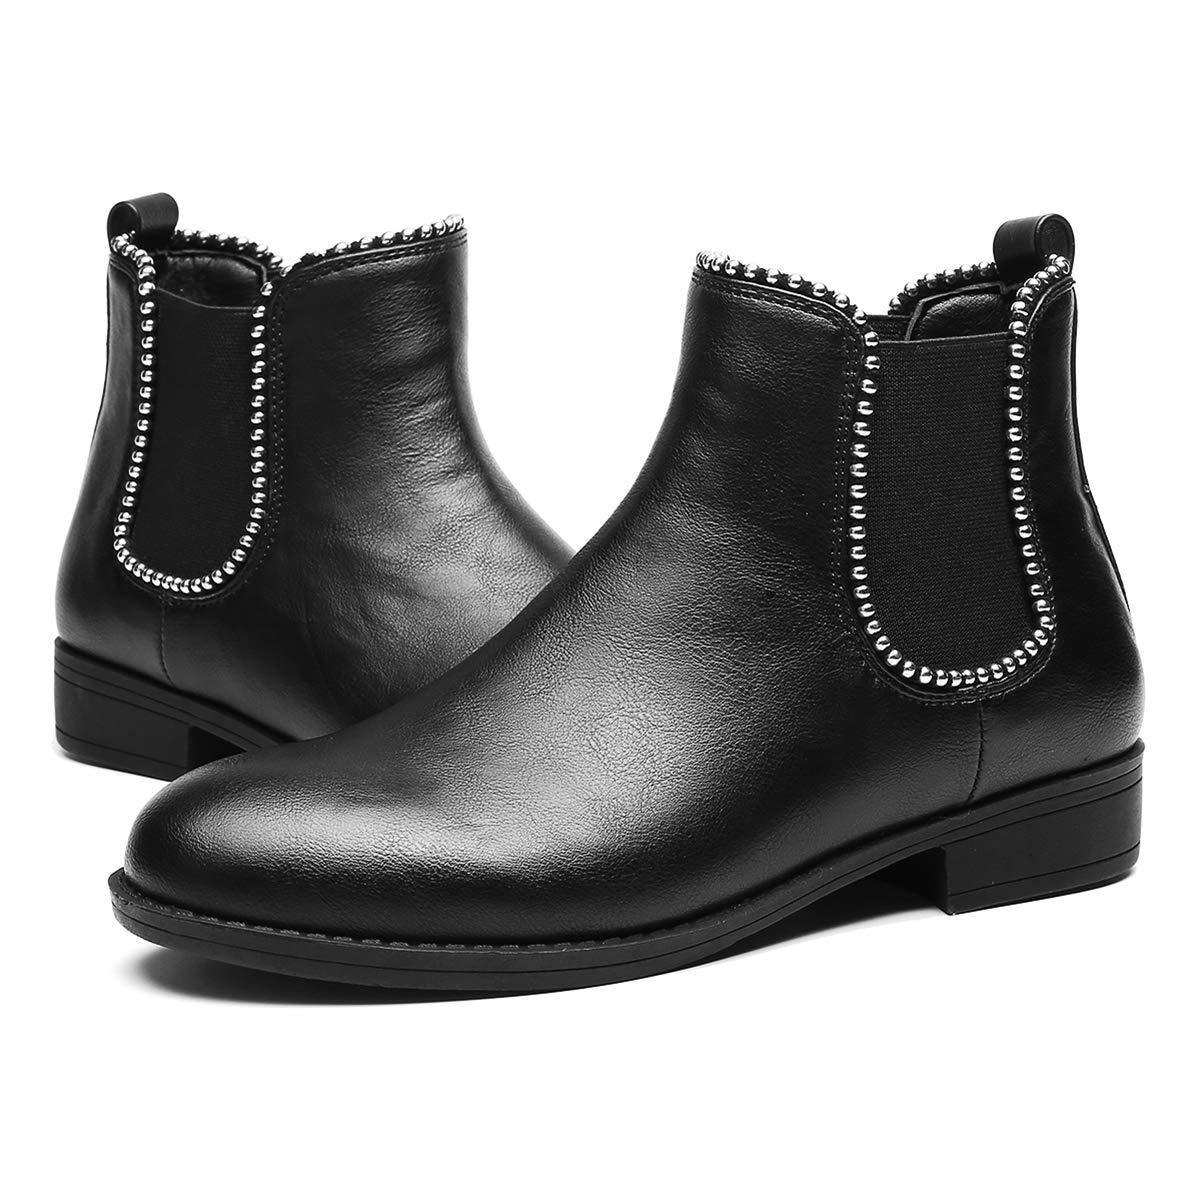 Top Chaussures de travail femme selon les notes